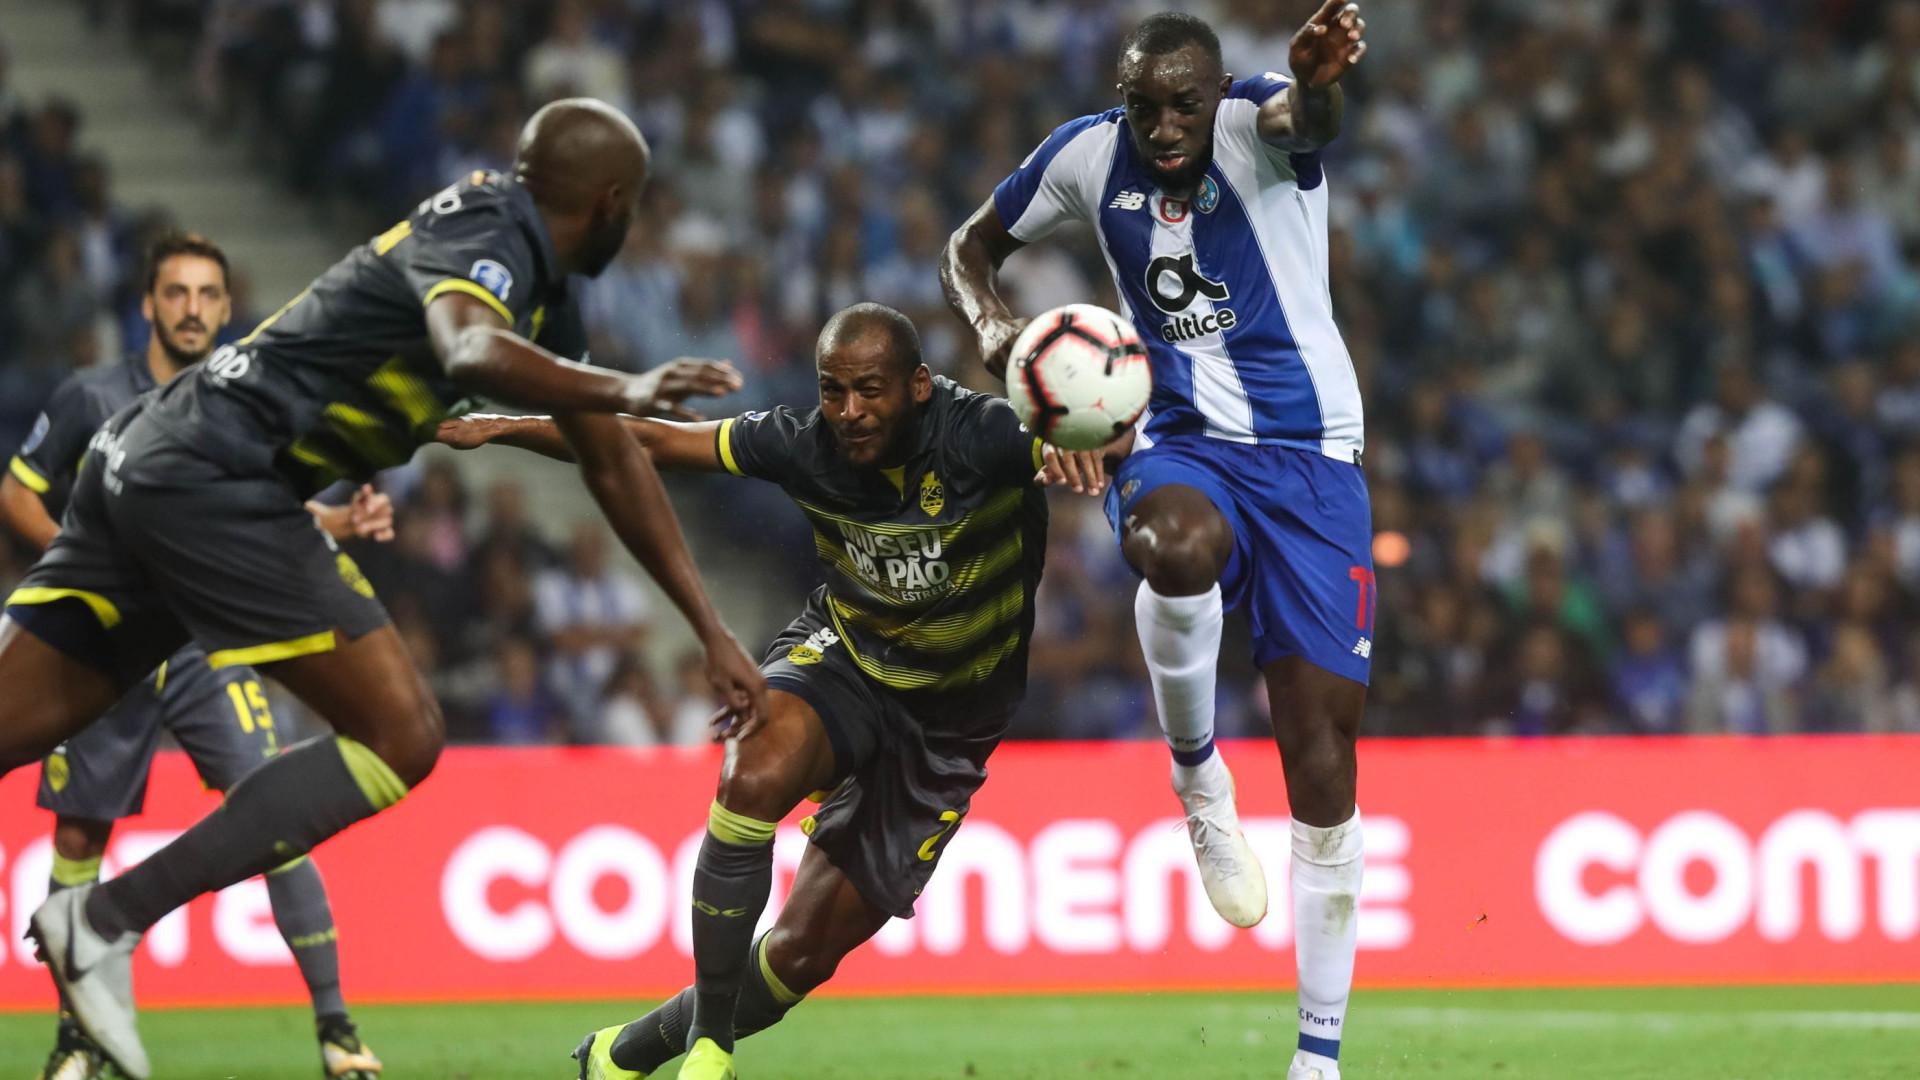 """FC Porto 'arrasa' Chaves e Vítor Ferreira: """"Gente que odeia o futebol"""""""